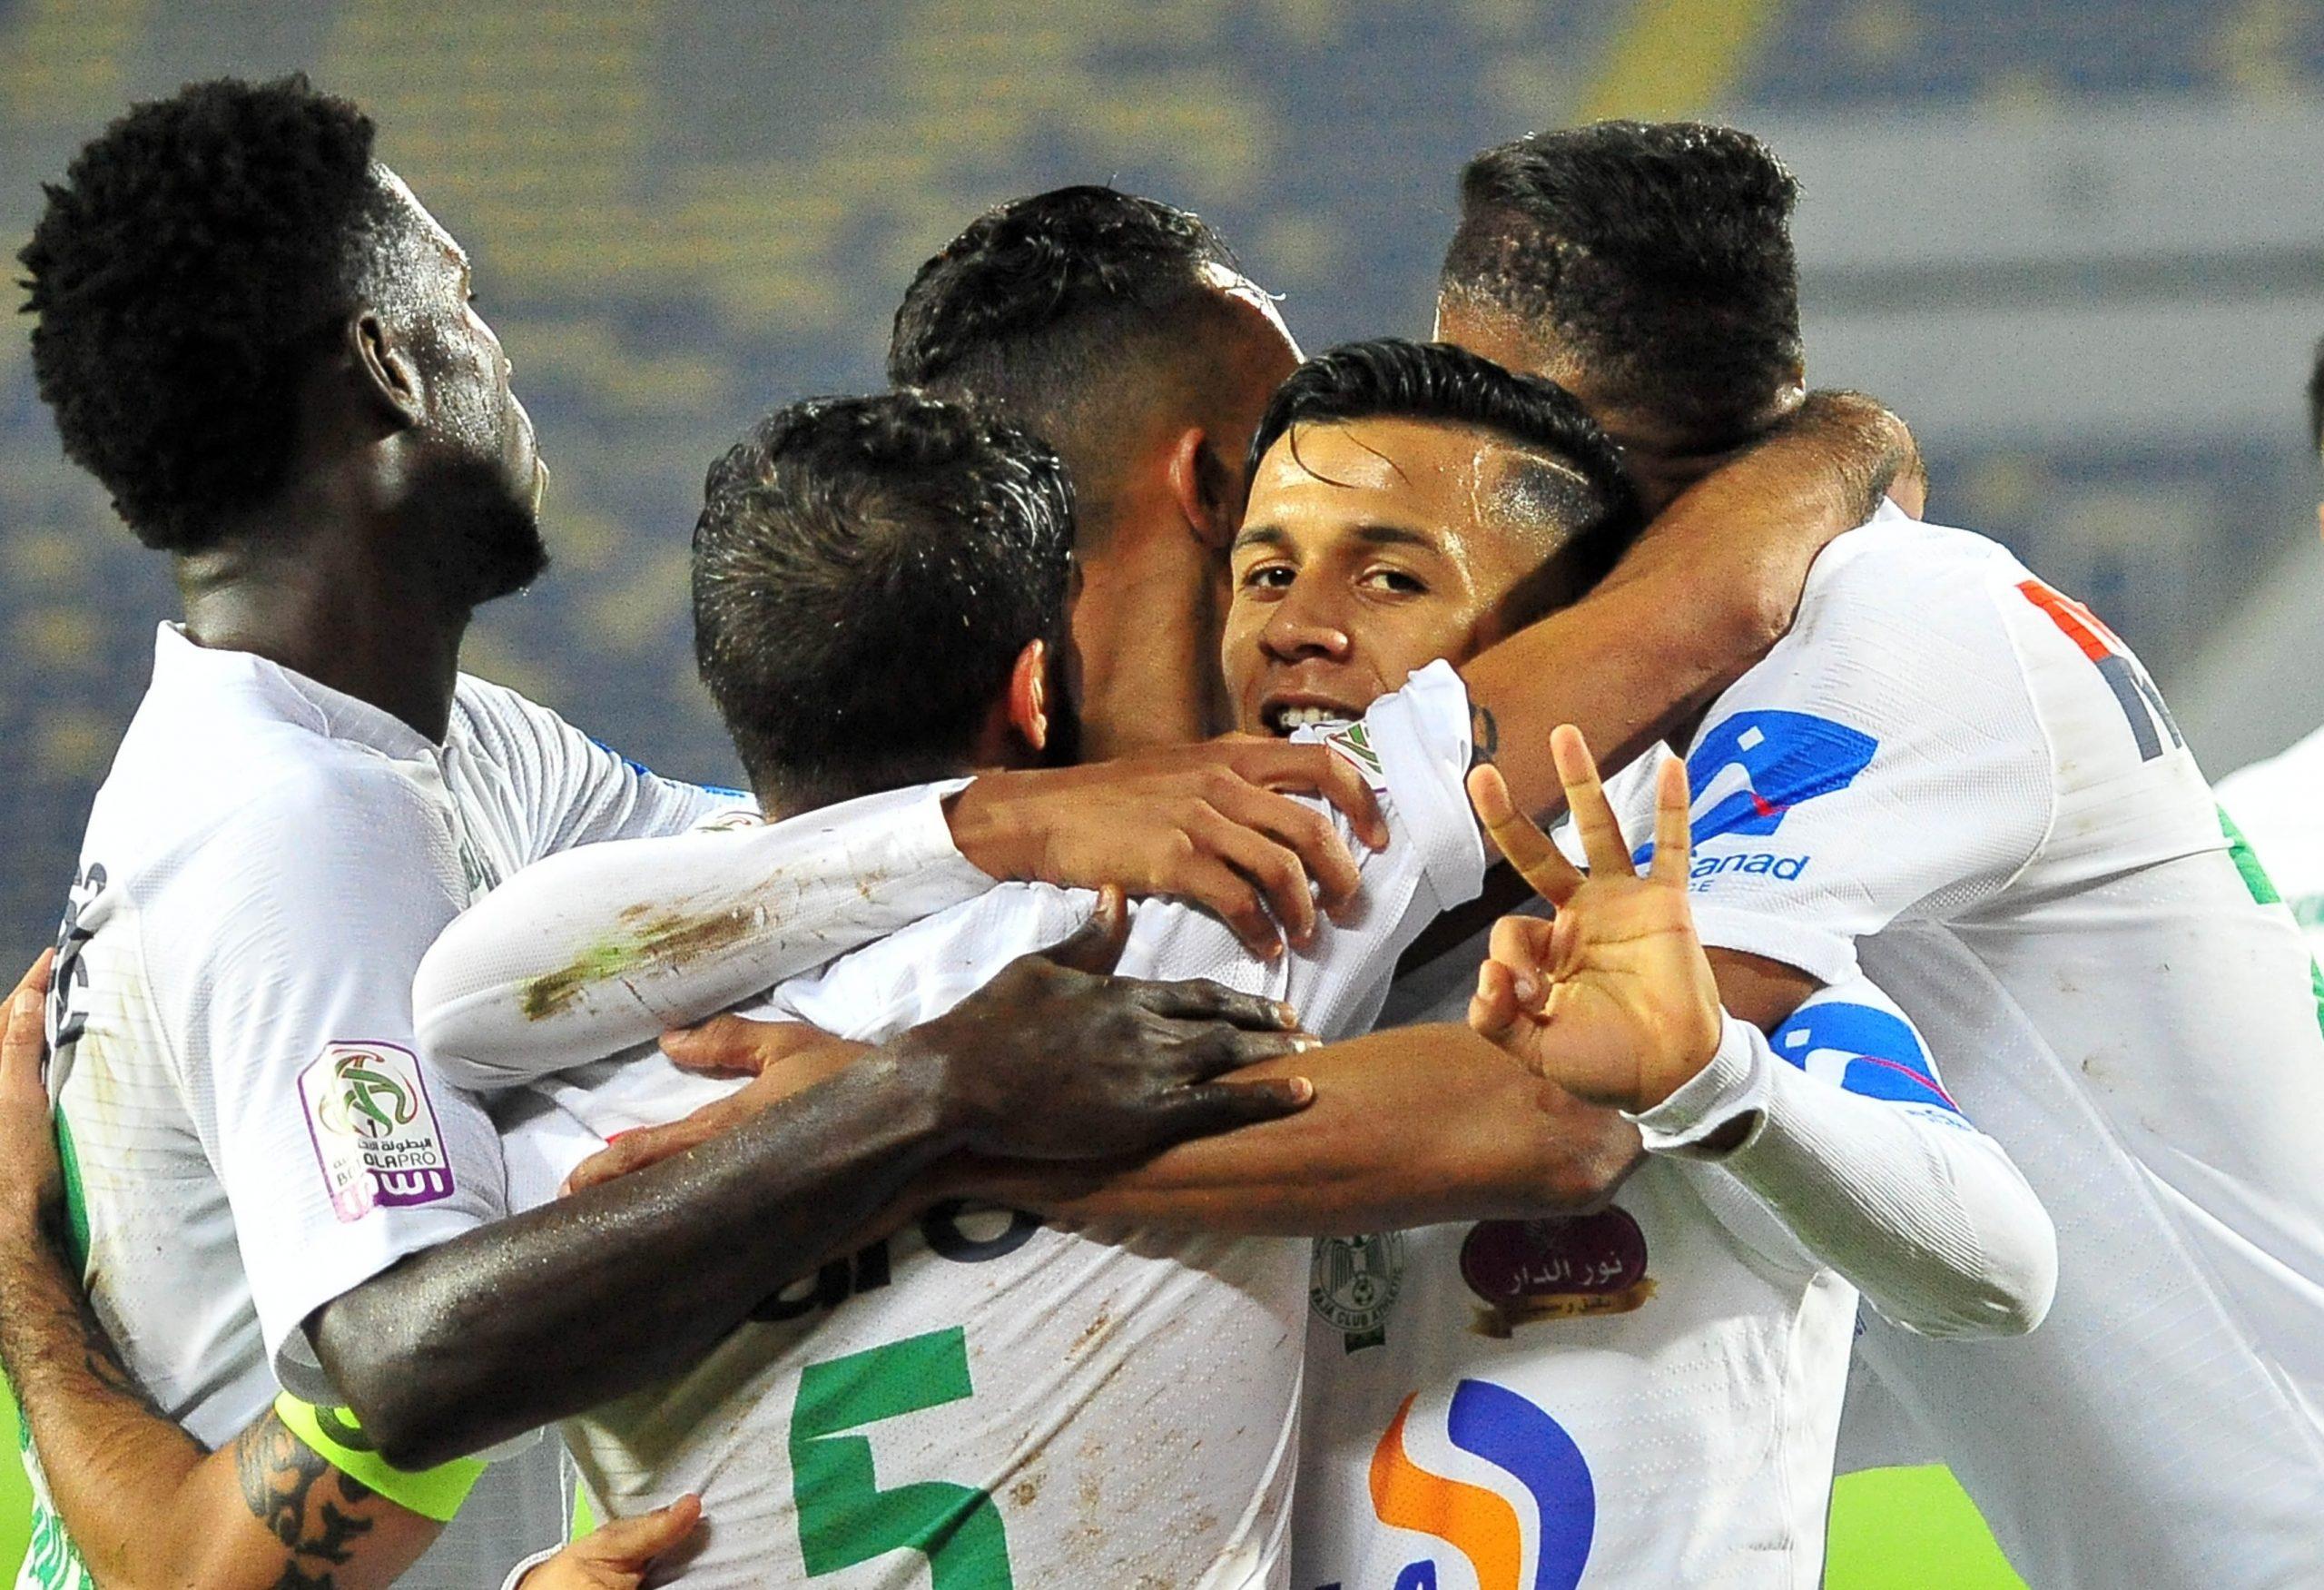 الرجاء الرياضي يحقق أول فوز له في البطولة المغربية على حساب وادي زم